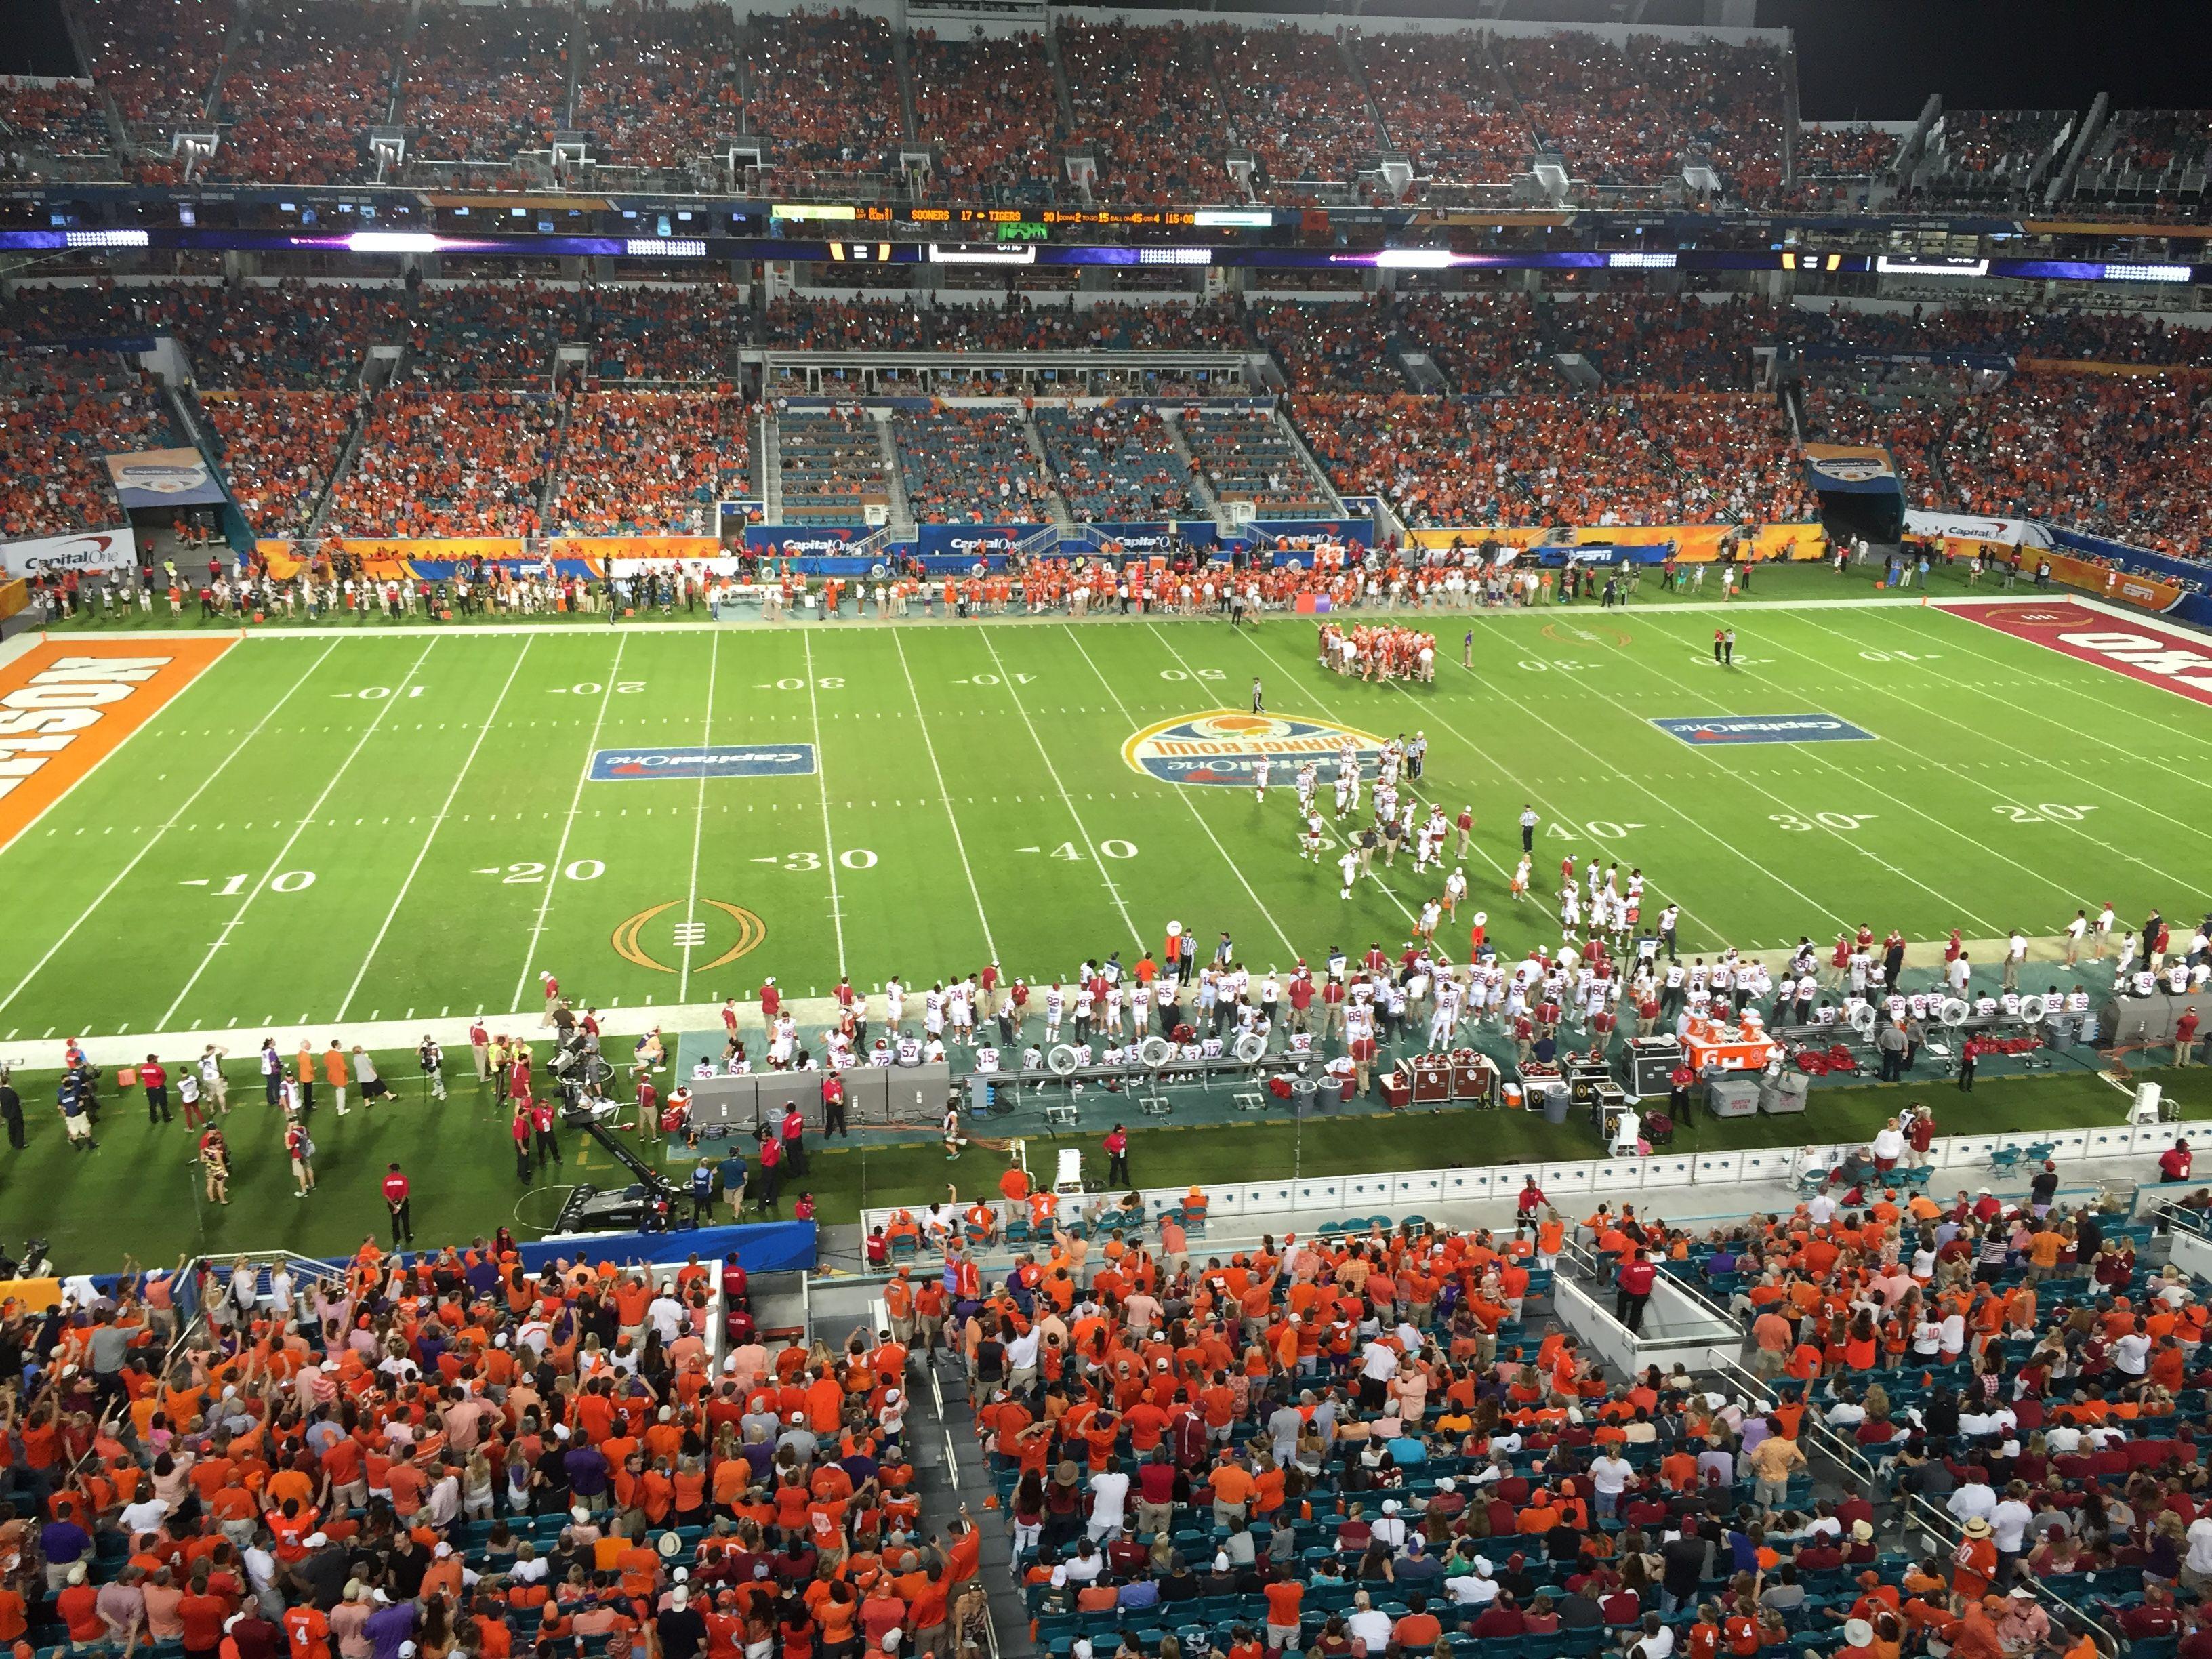 Sunlife Stadium, Orange Bowl, Miami Gardens, Florida Great Pictures